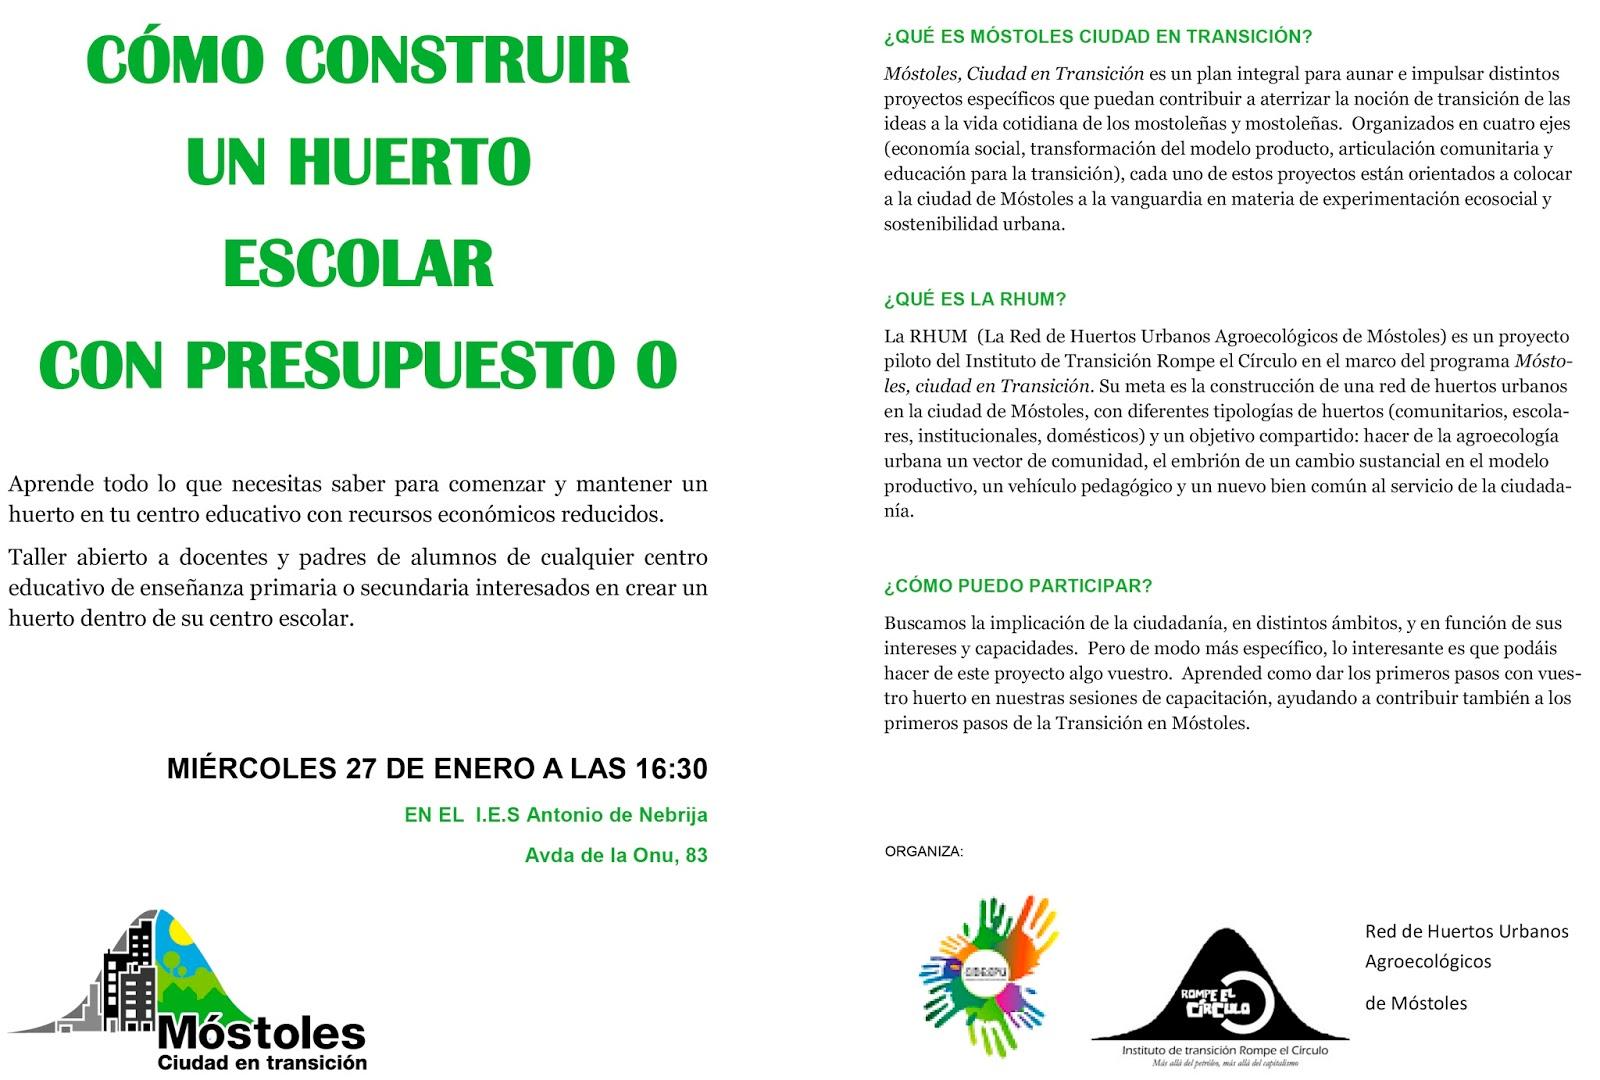 Mareaverde 27 1 2016 c mo construir un huerto escolar for Que es un huerto escolar